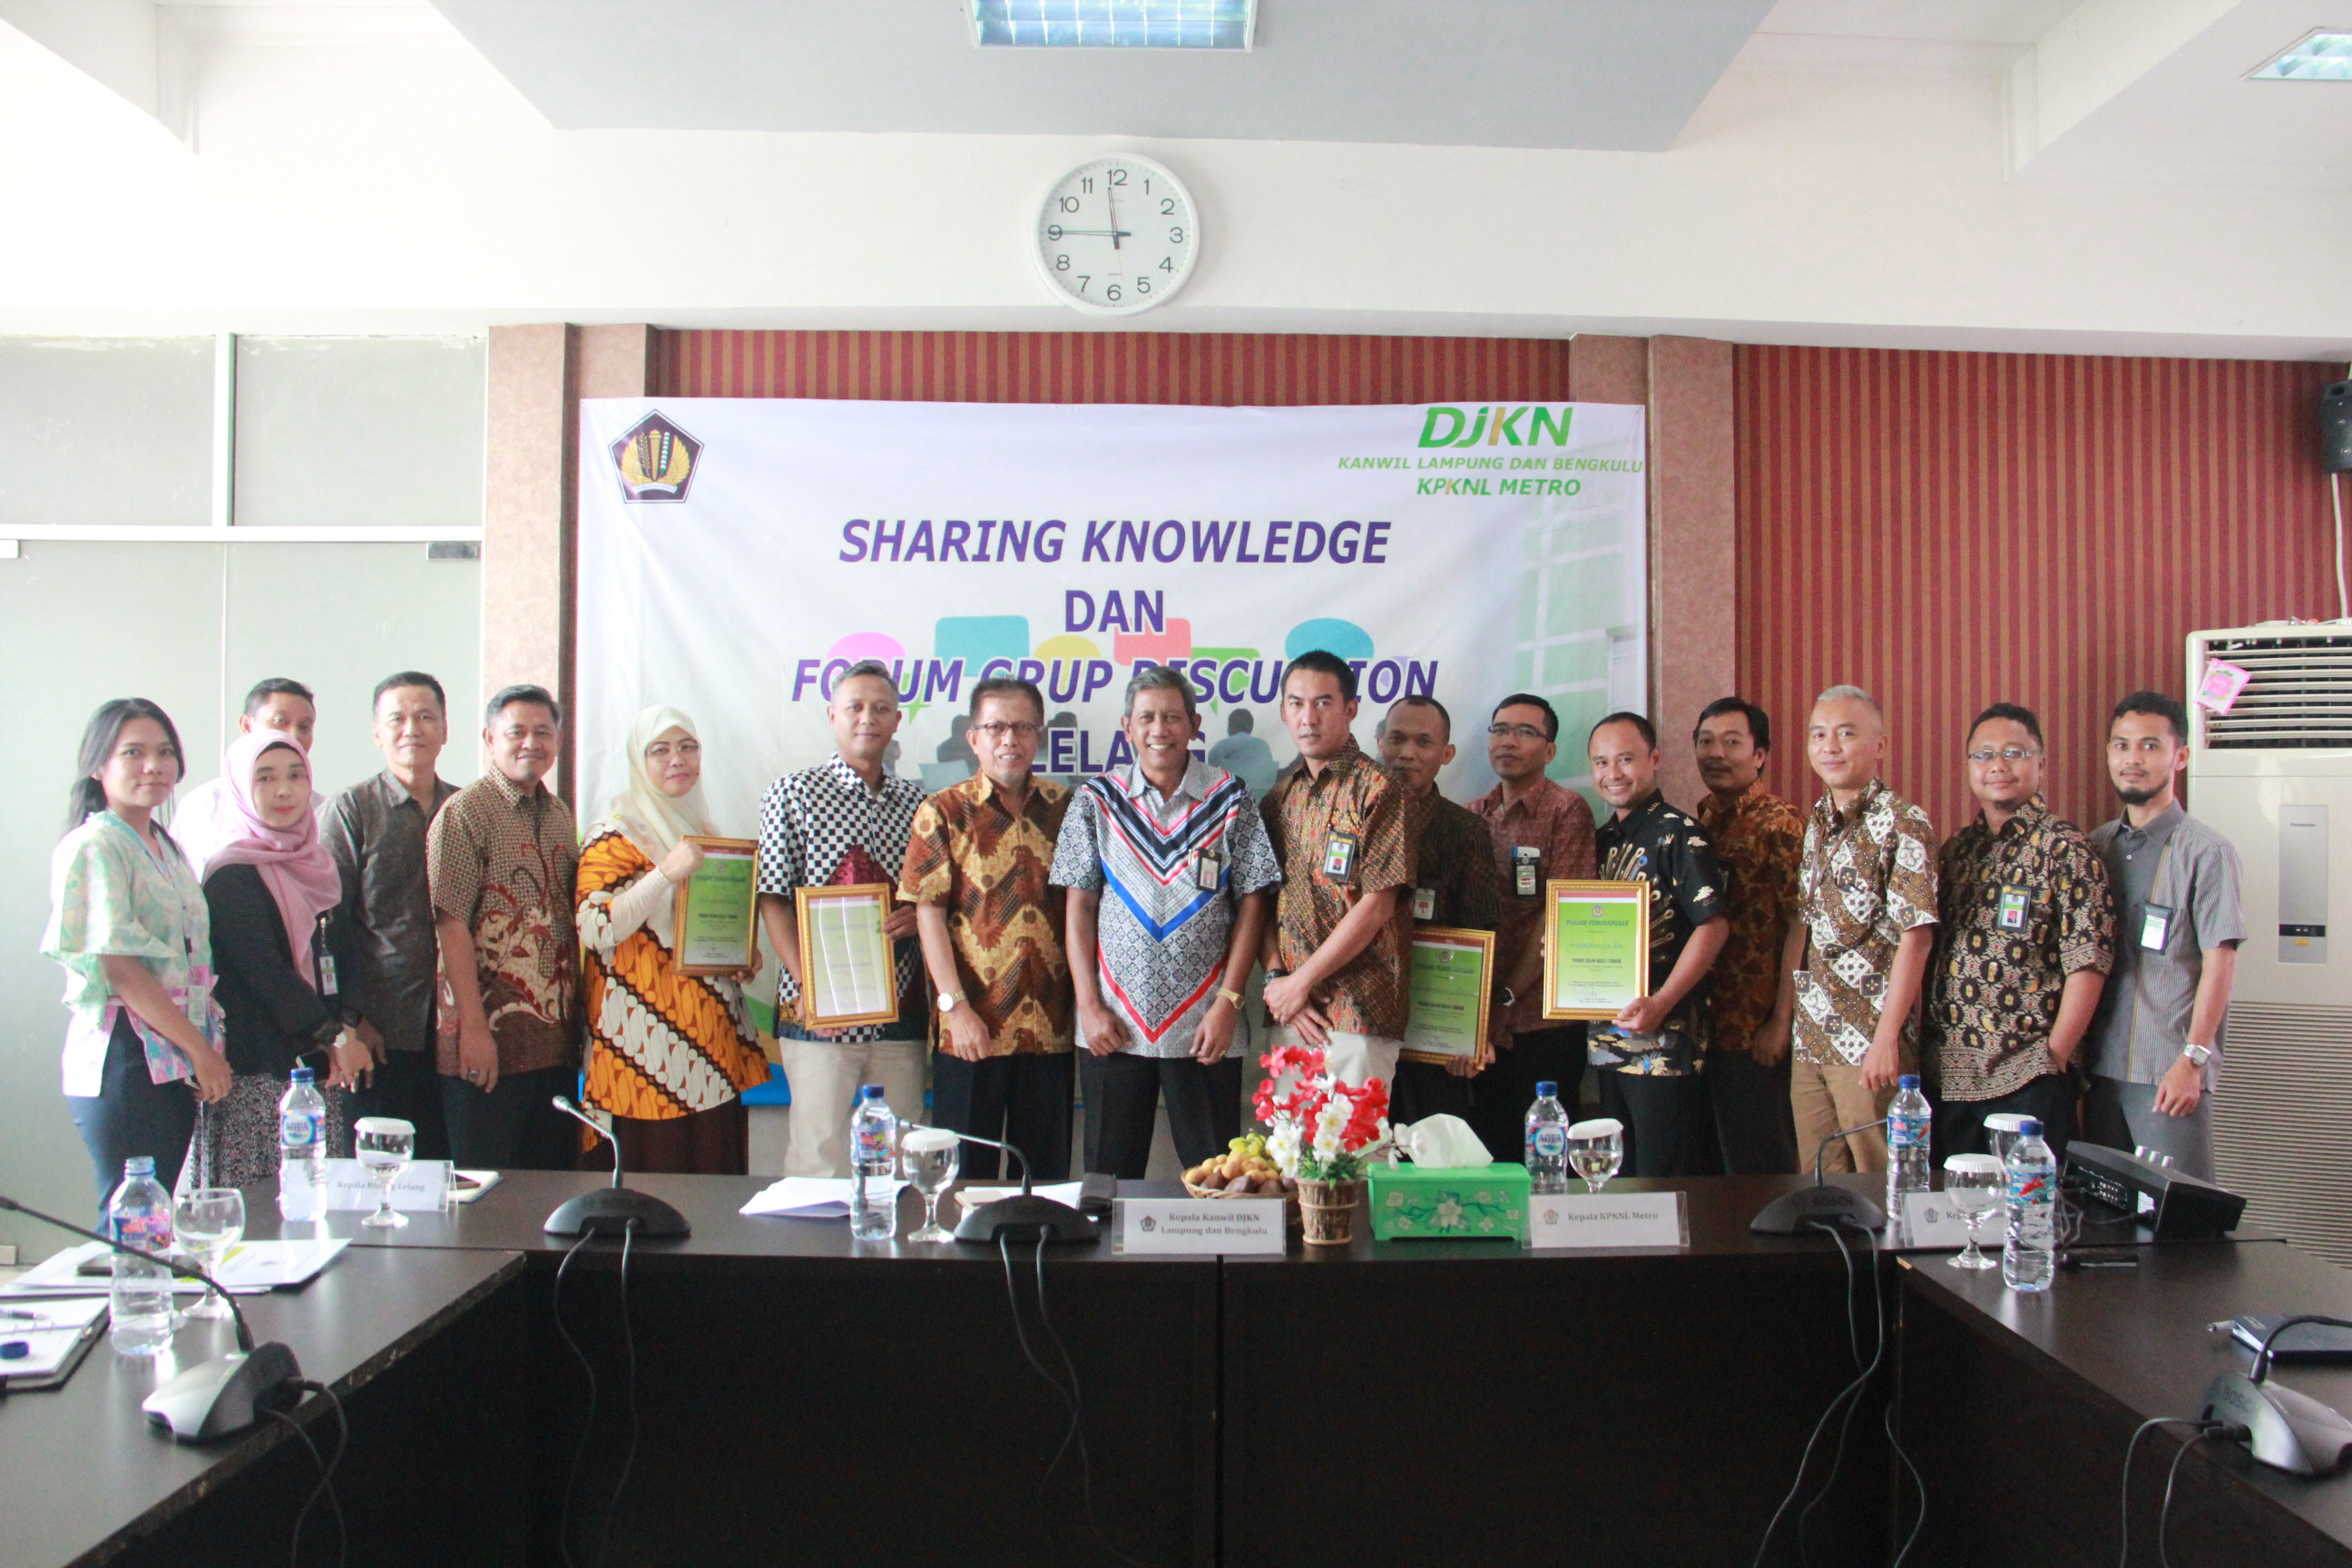 Focus Grup Discussion dan Sharing Knowledge Lelang di Lingkungan Kanwil DJKN Lampung dan Bengkulu